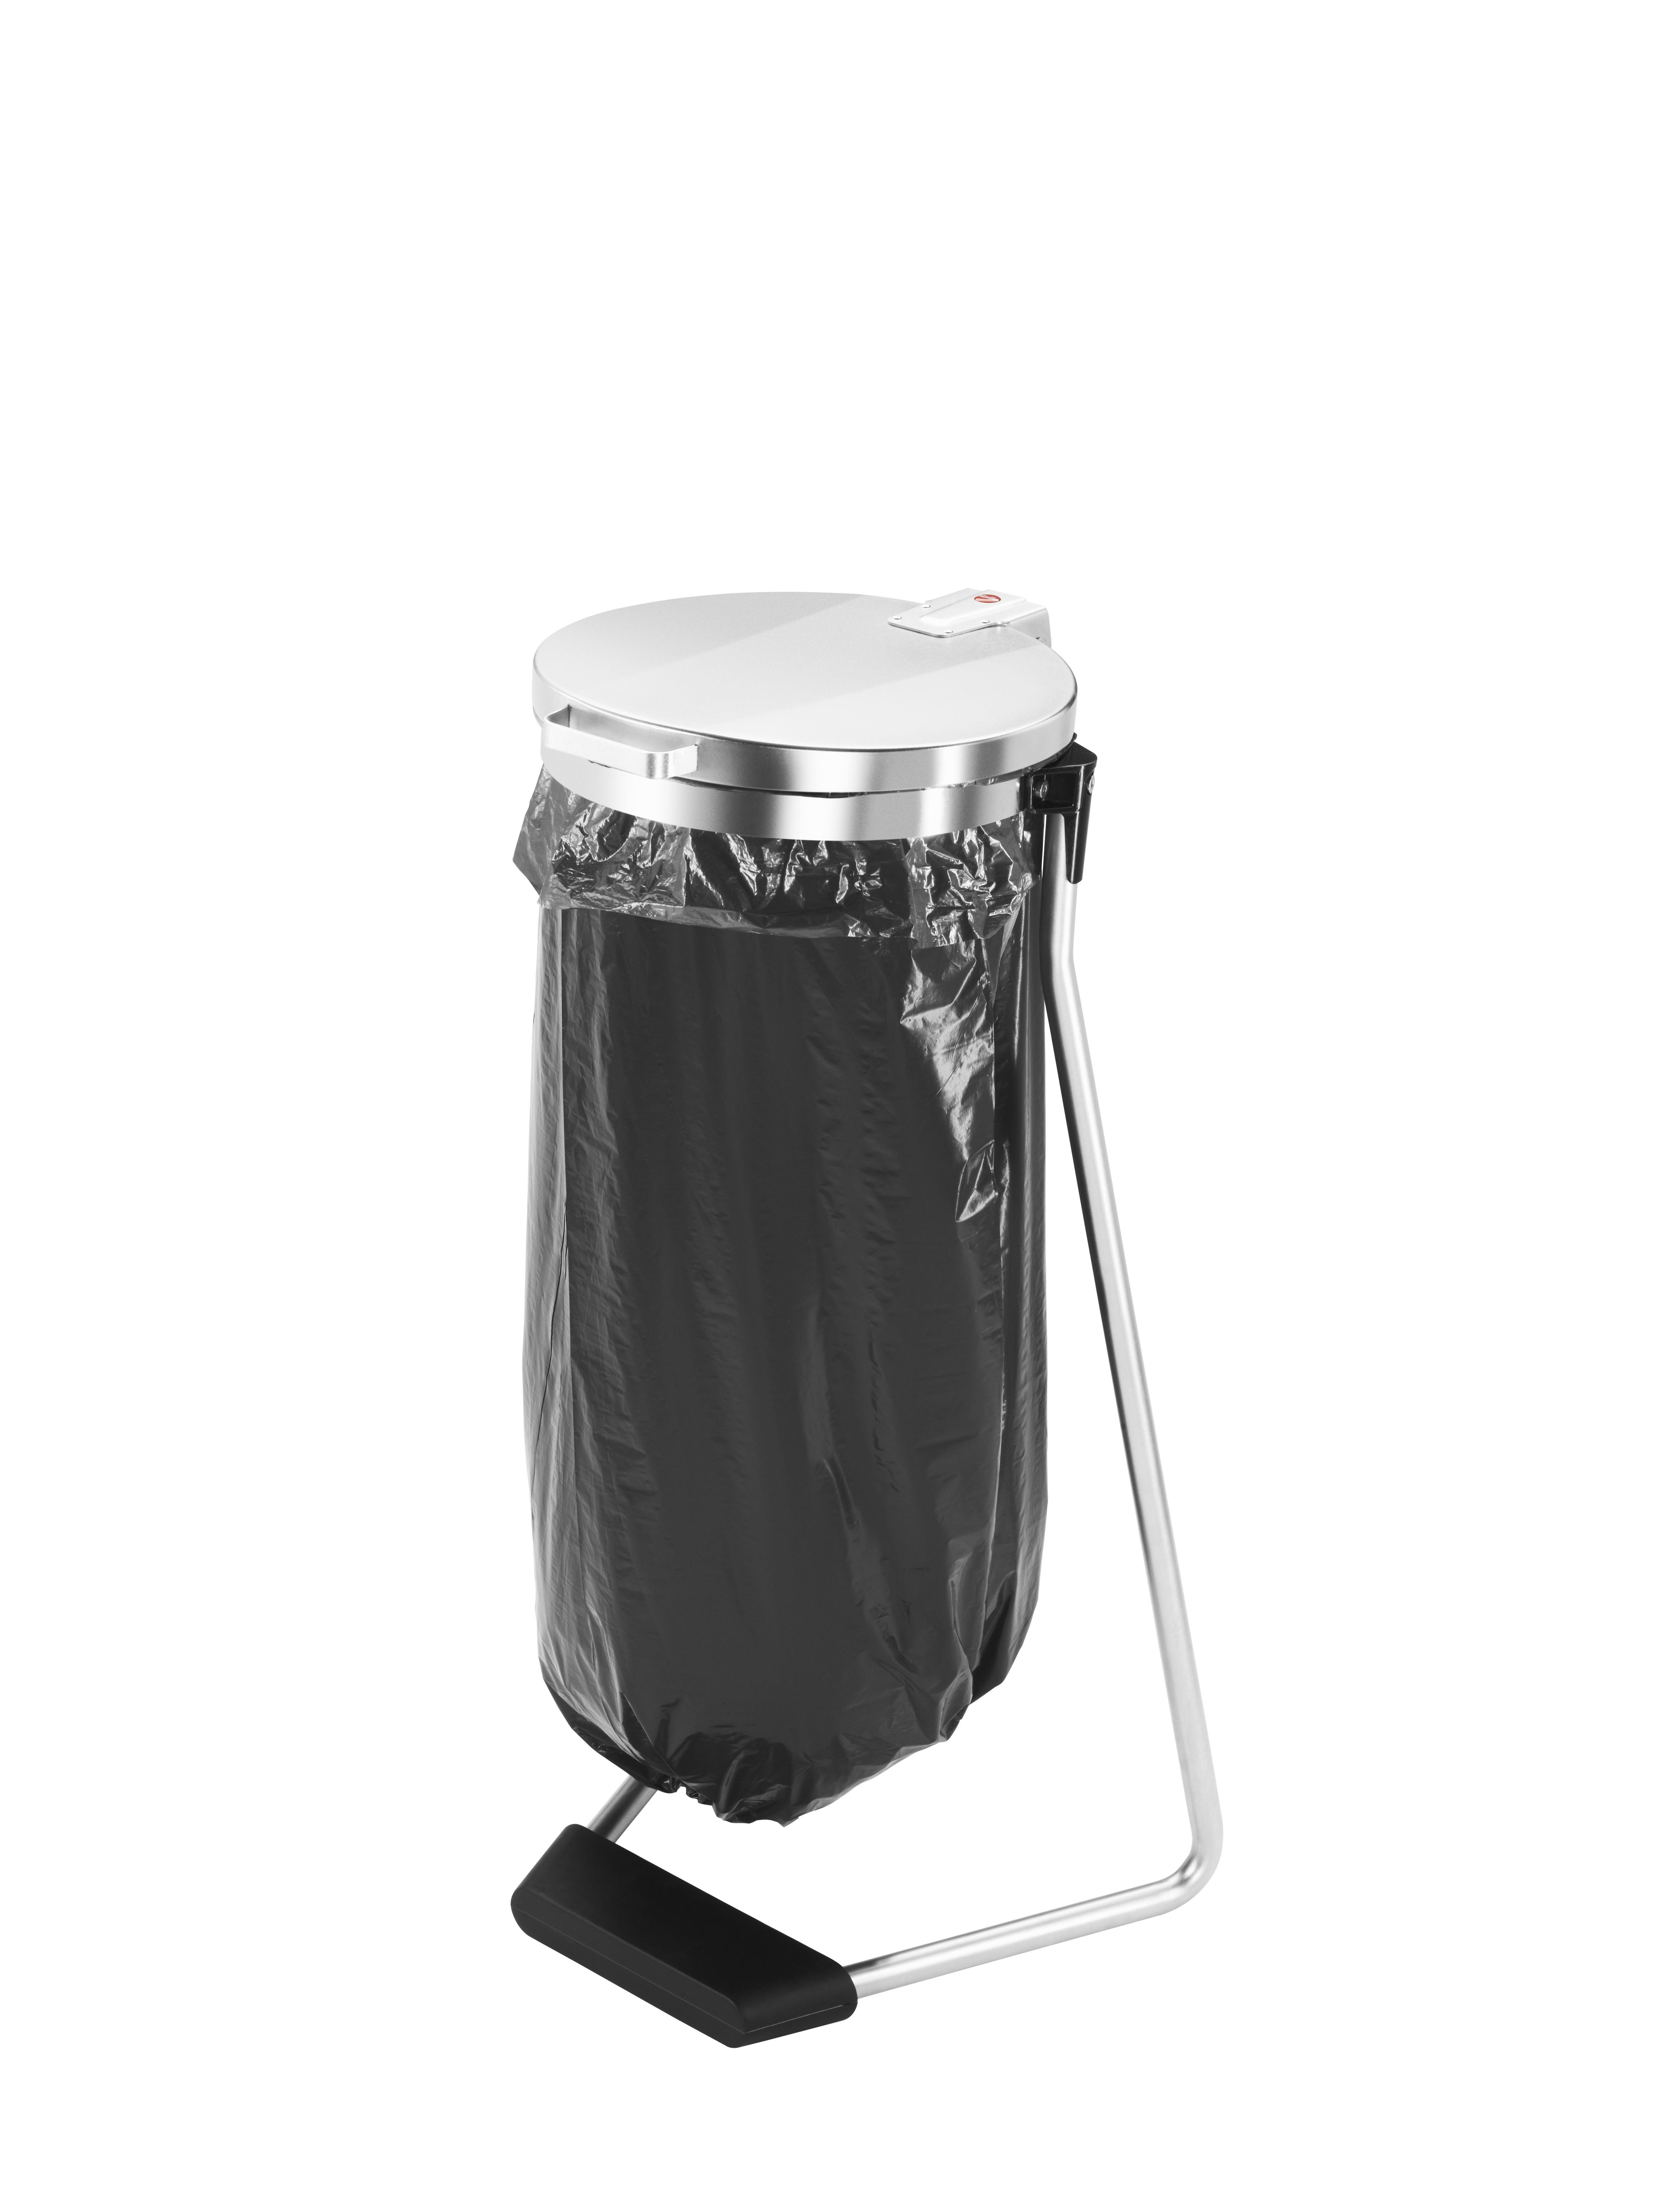 Hailo ProfiLine MSS, Müllsackständer